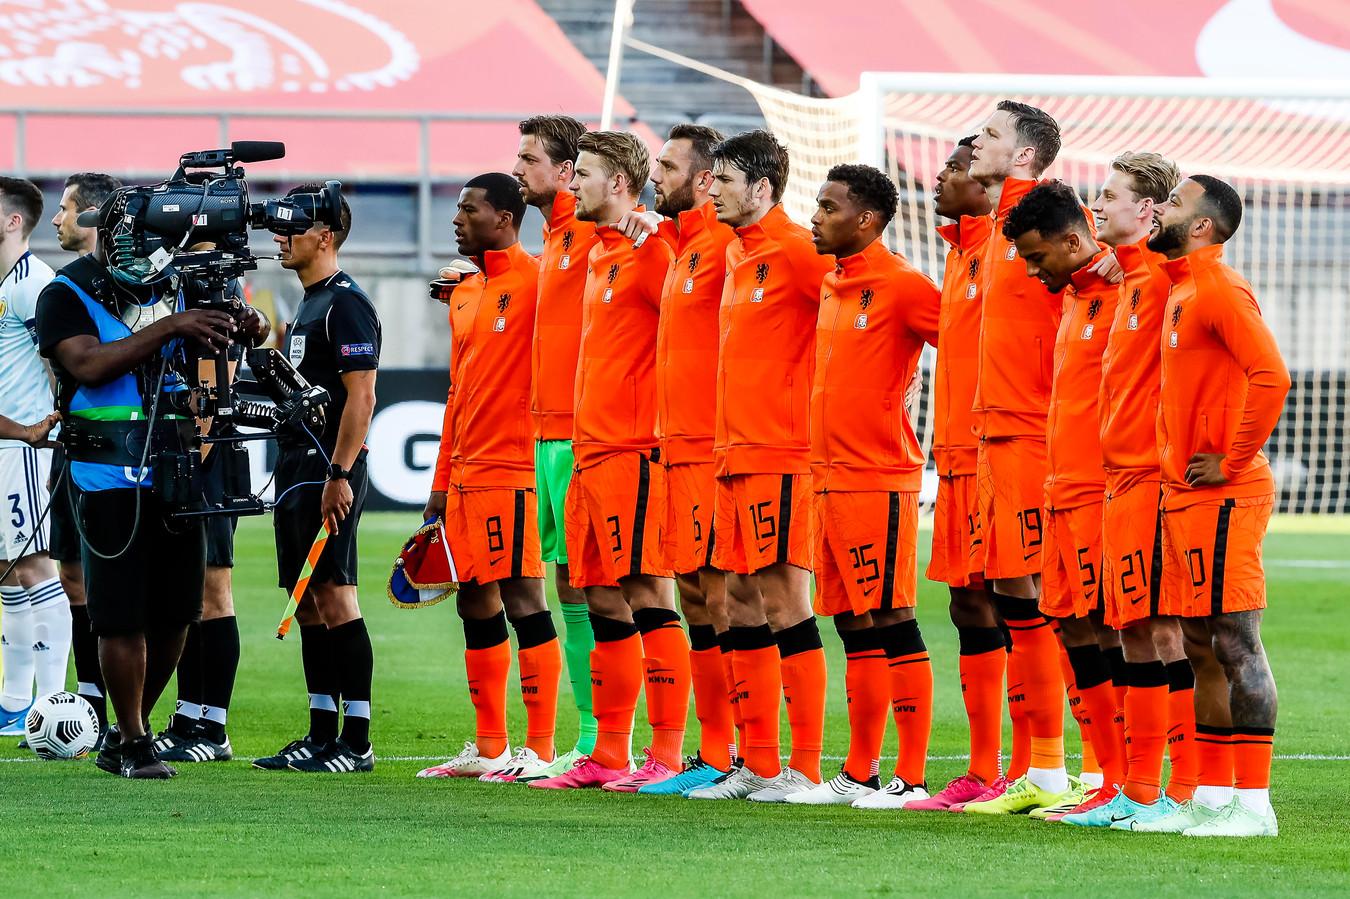 De Spelers van Oranje.